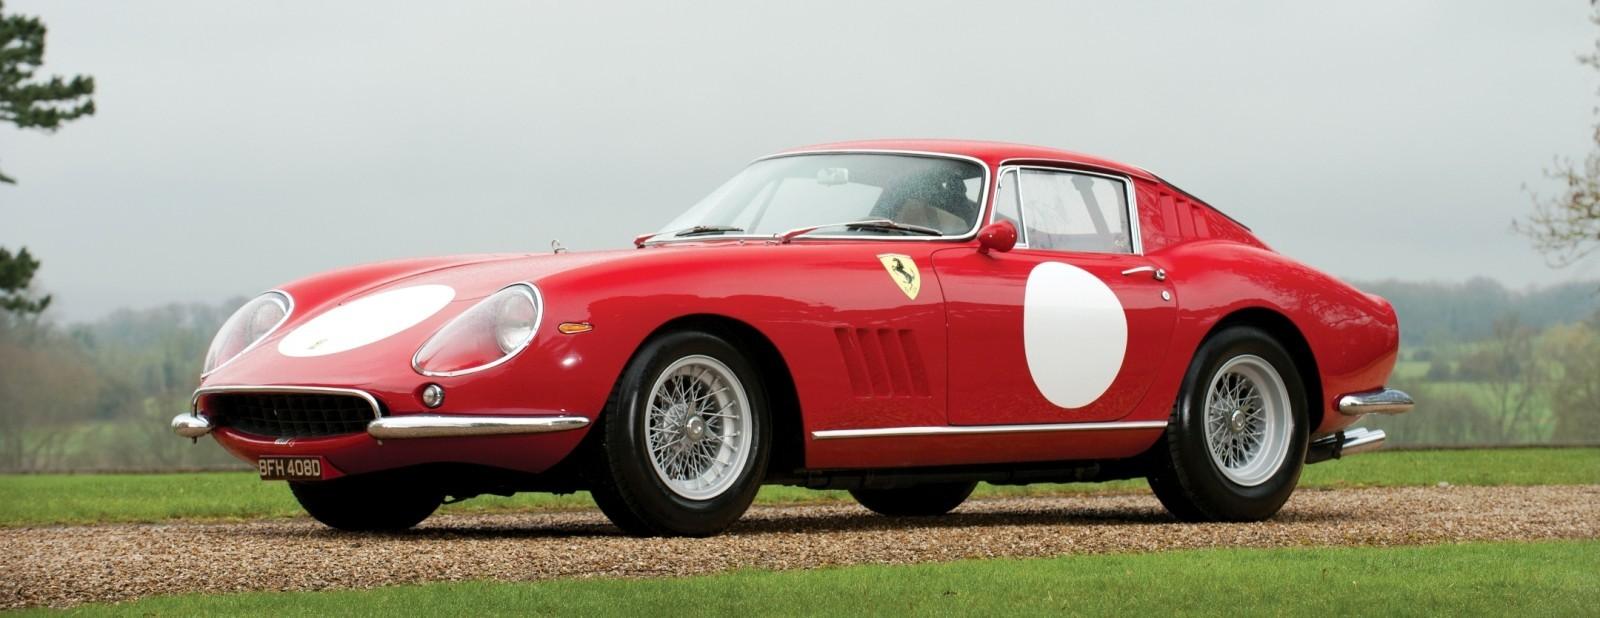 RM Monaco 2014 Highlights - 1966 Ferrari GTB-C 1